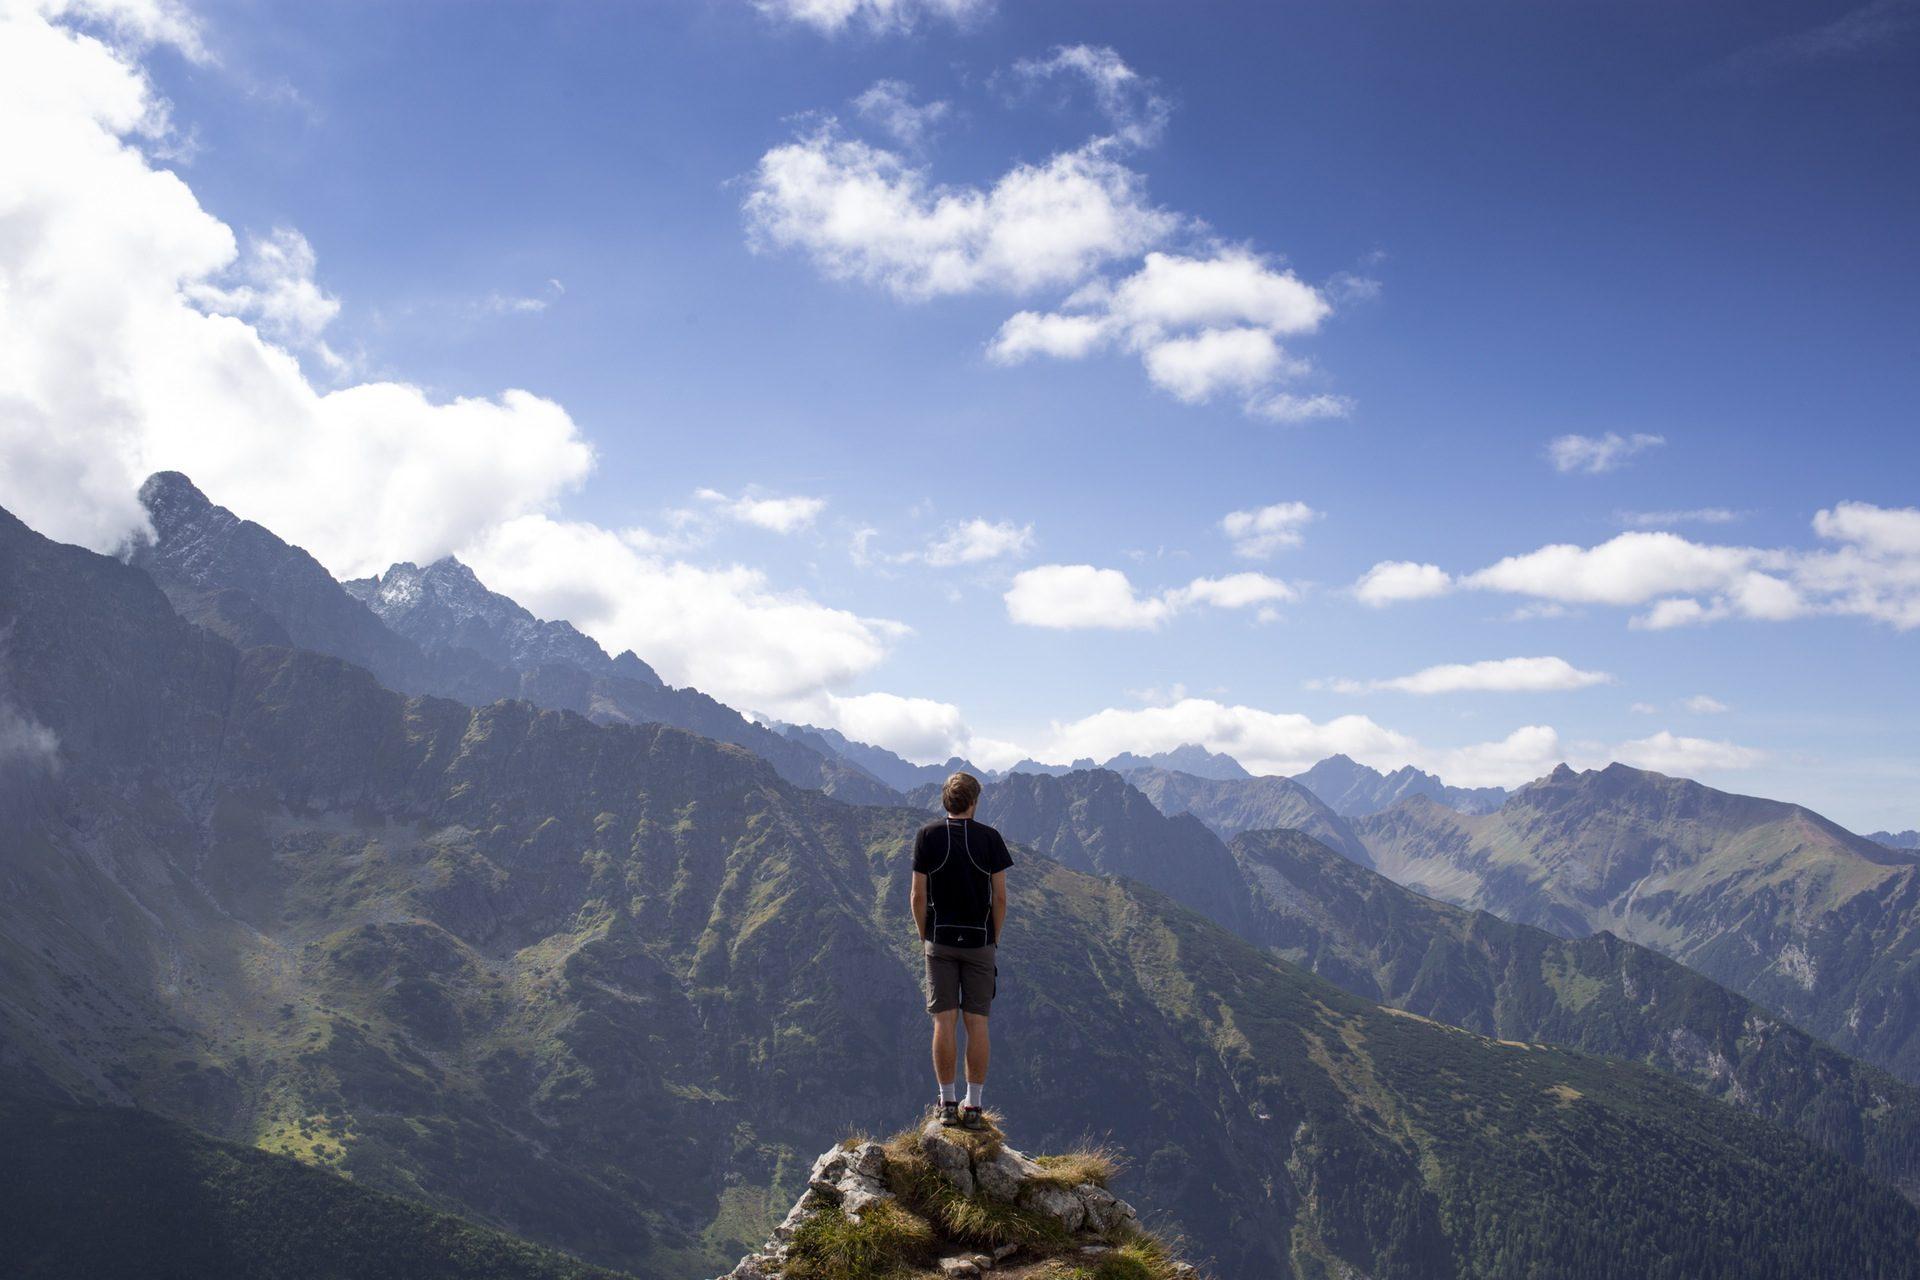 Mann, Berge, Peak, Höhe, Wolken - Wallpaper HD - Prof.-falken.com